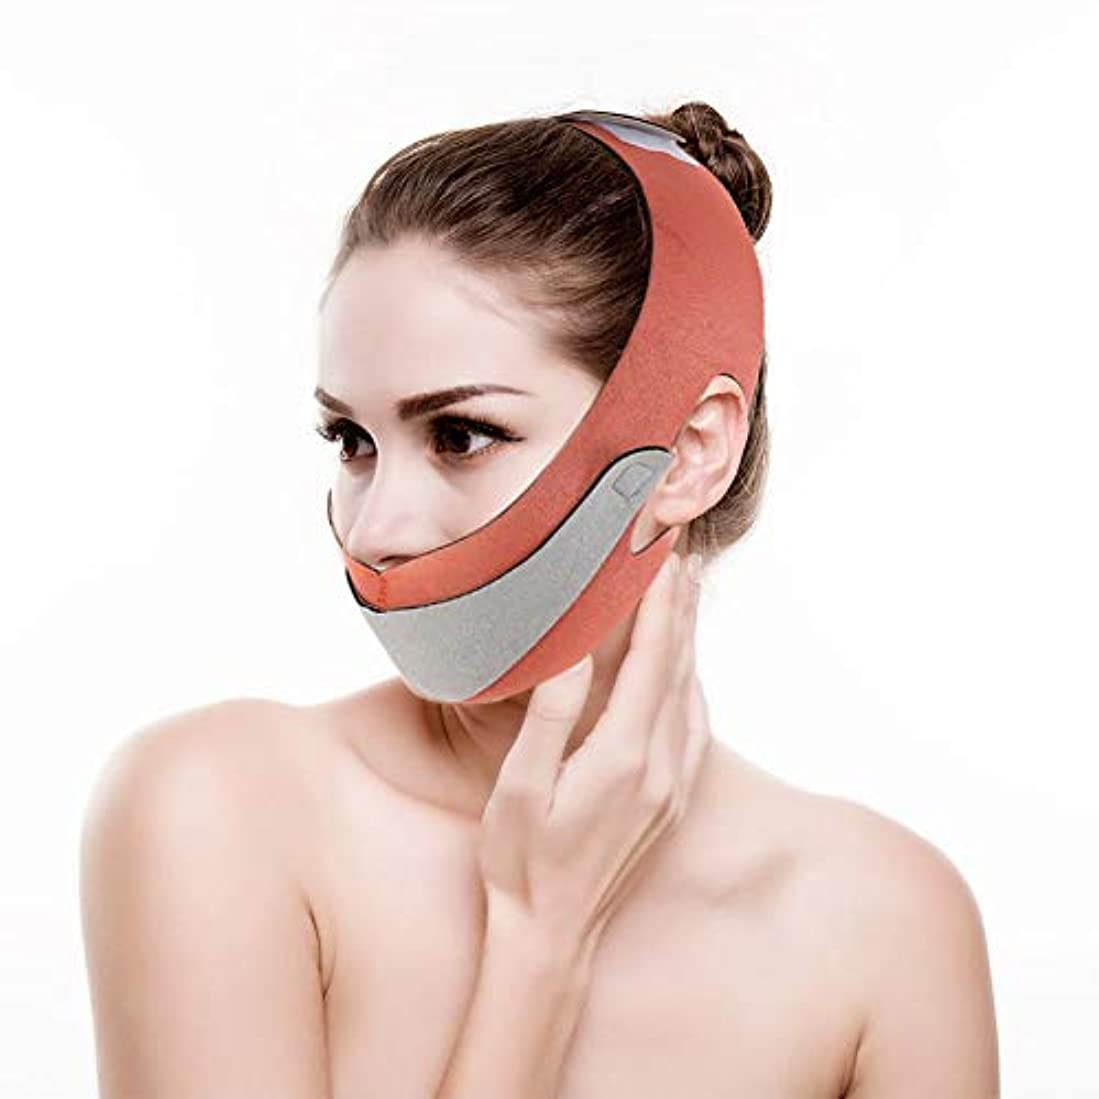 後継減る保全フェイシャルスリミングマスク プロテクターカバレッジリフティング フェイス減量 ベルト減量 ダブルチェーン スキンケア(2)